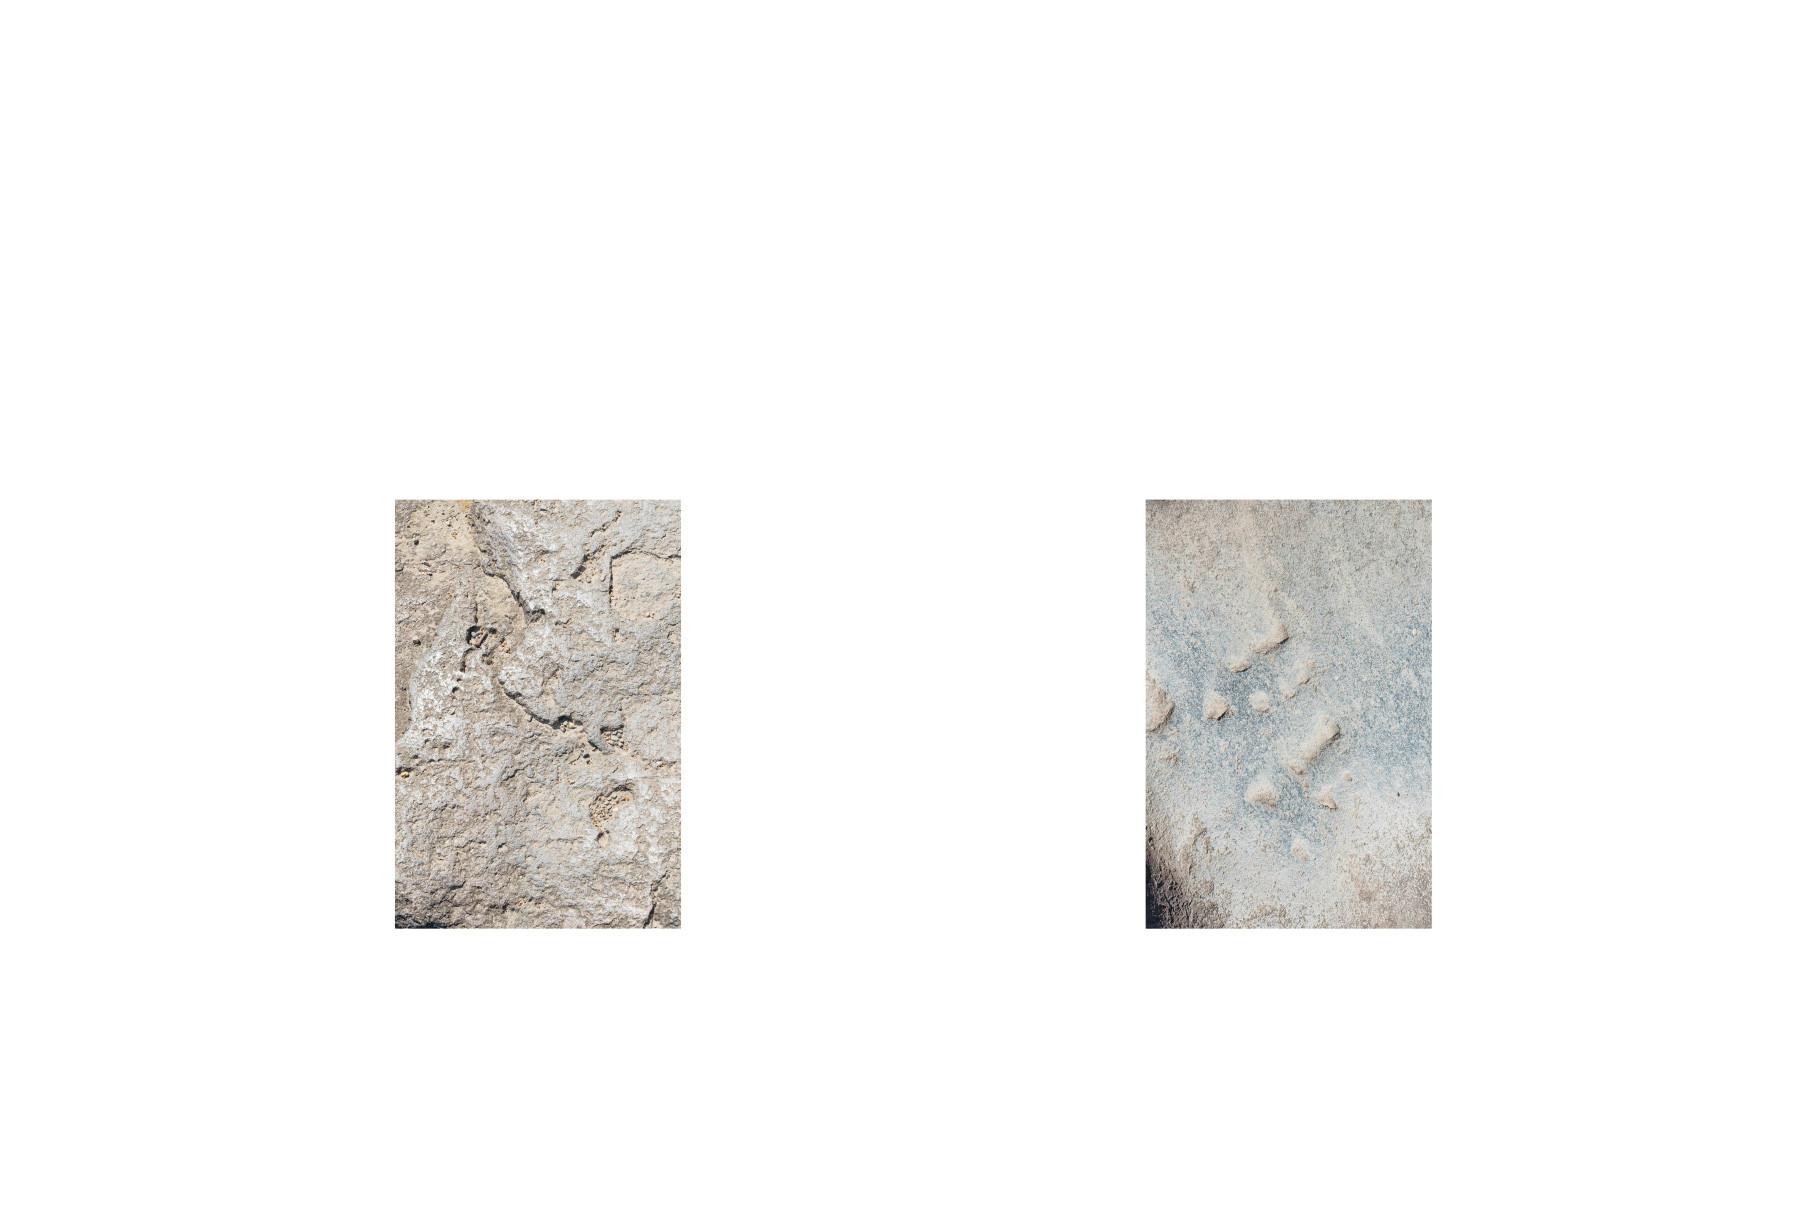 Stones01-18.jpg